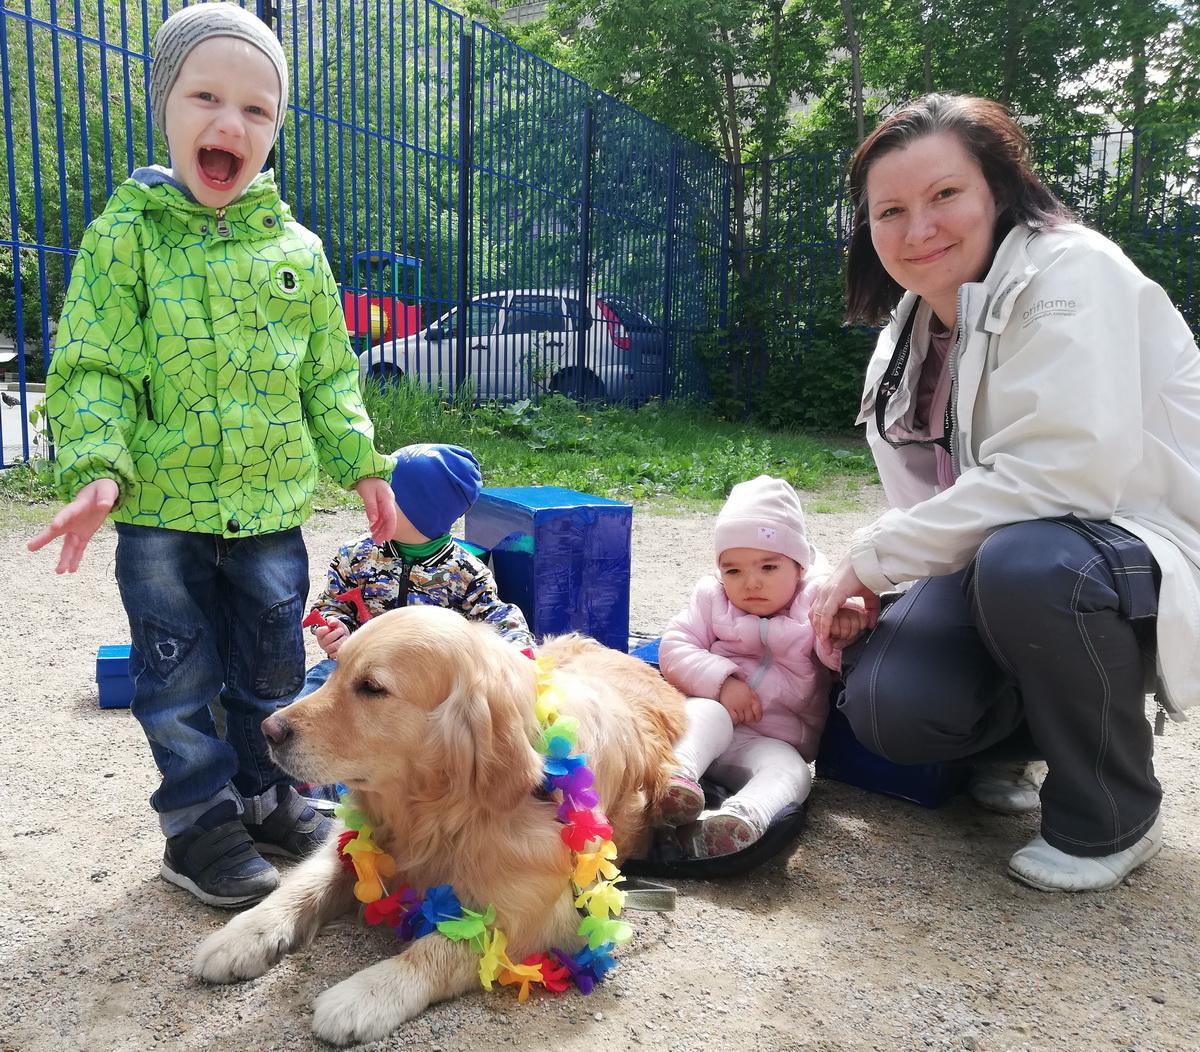 Международный день защиты детей, или Миньон и радужный Фьёк в гостях у малышей